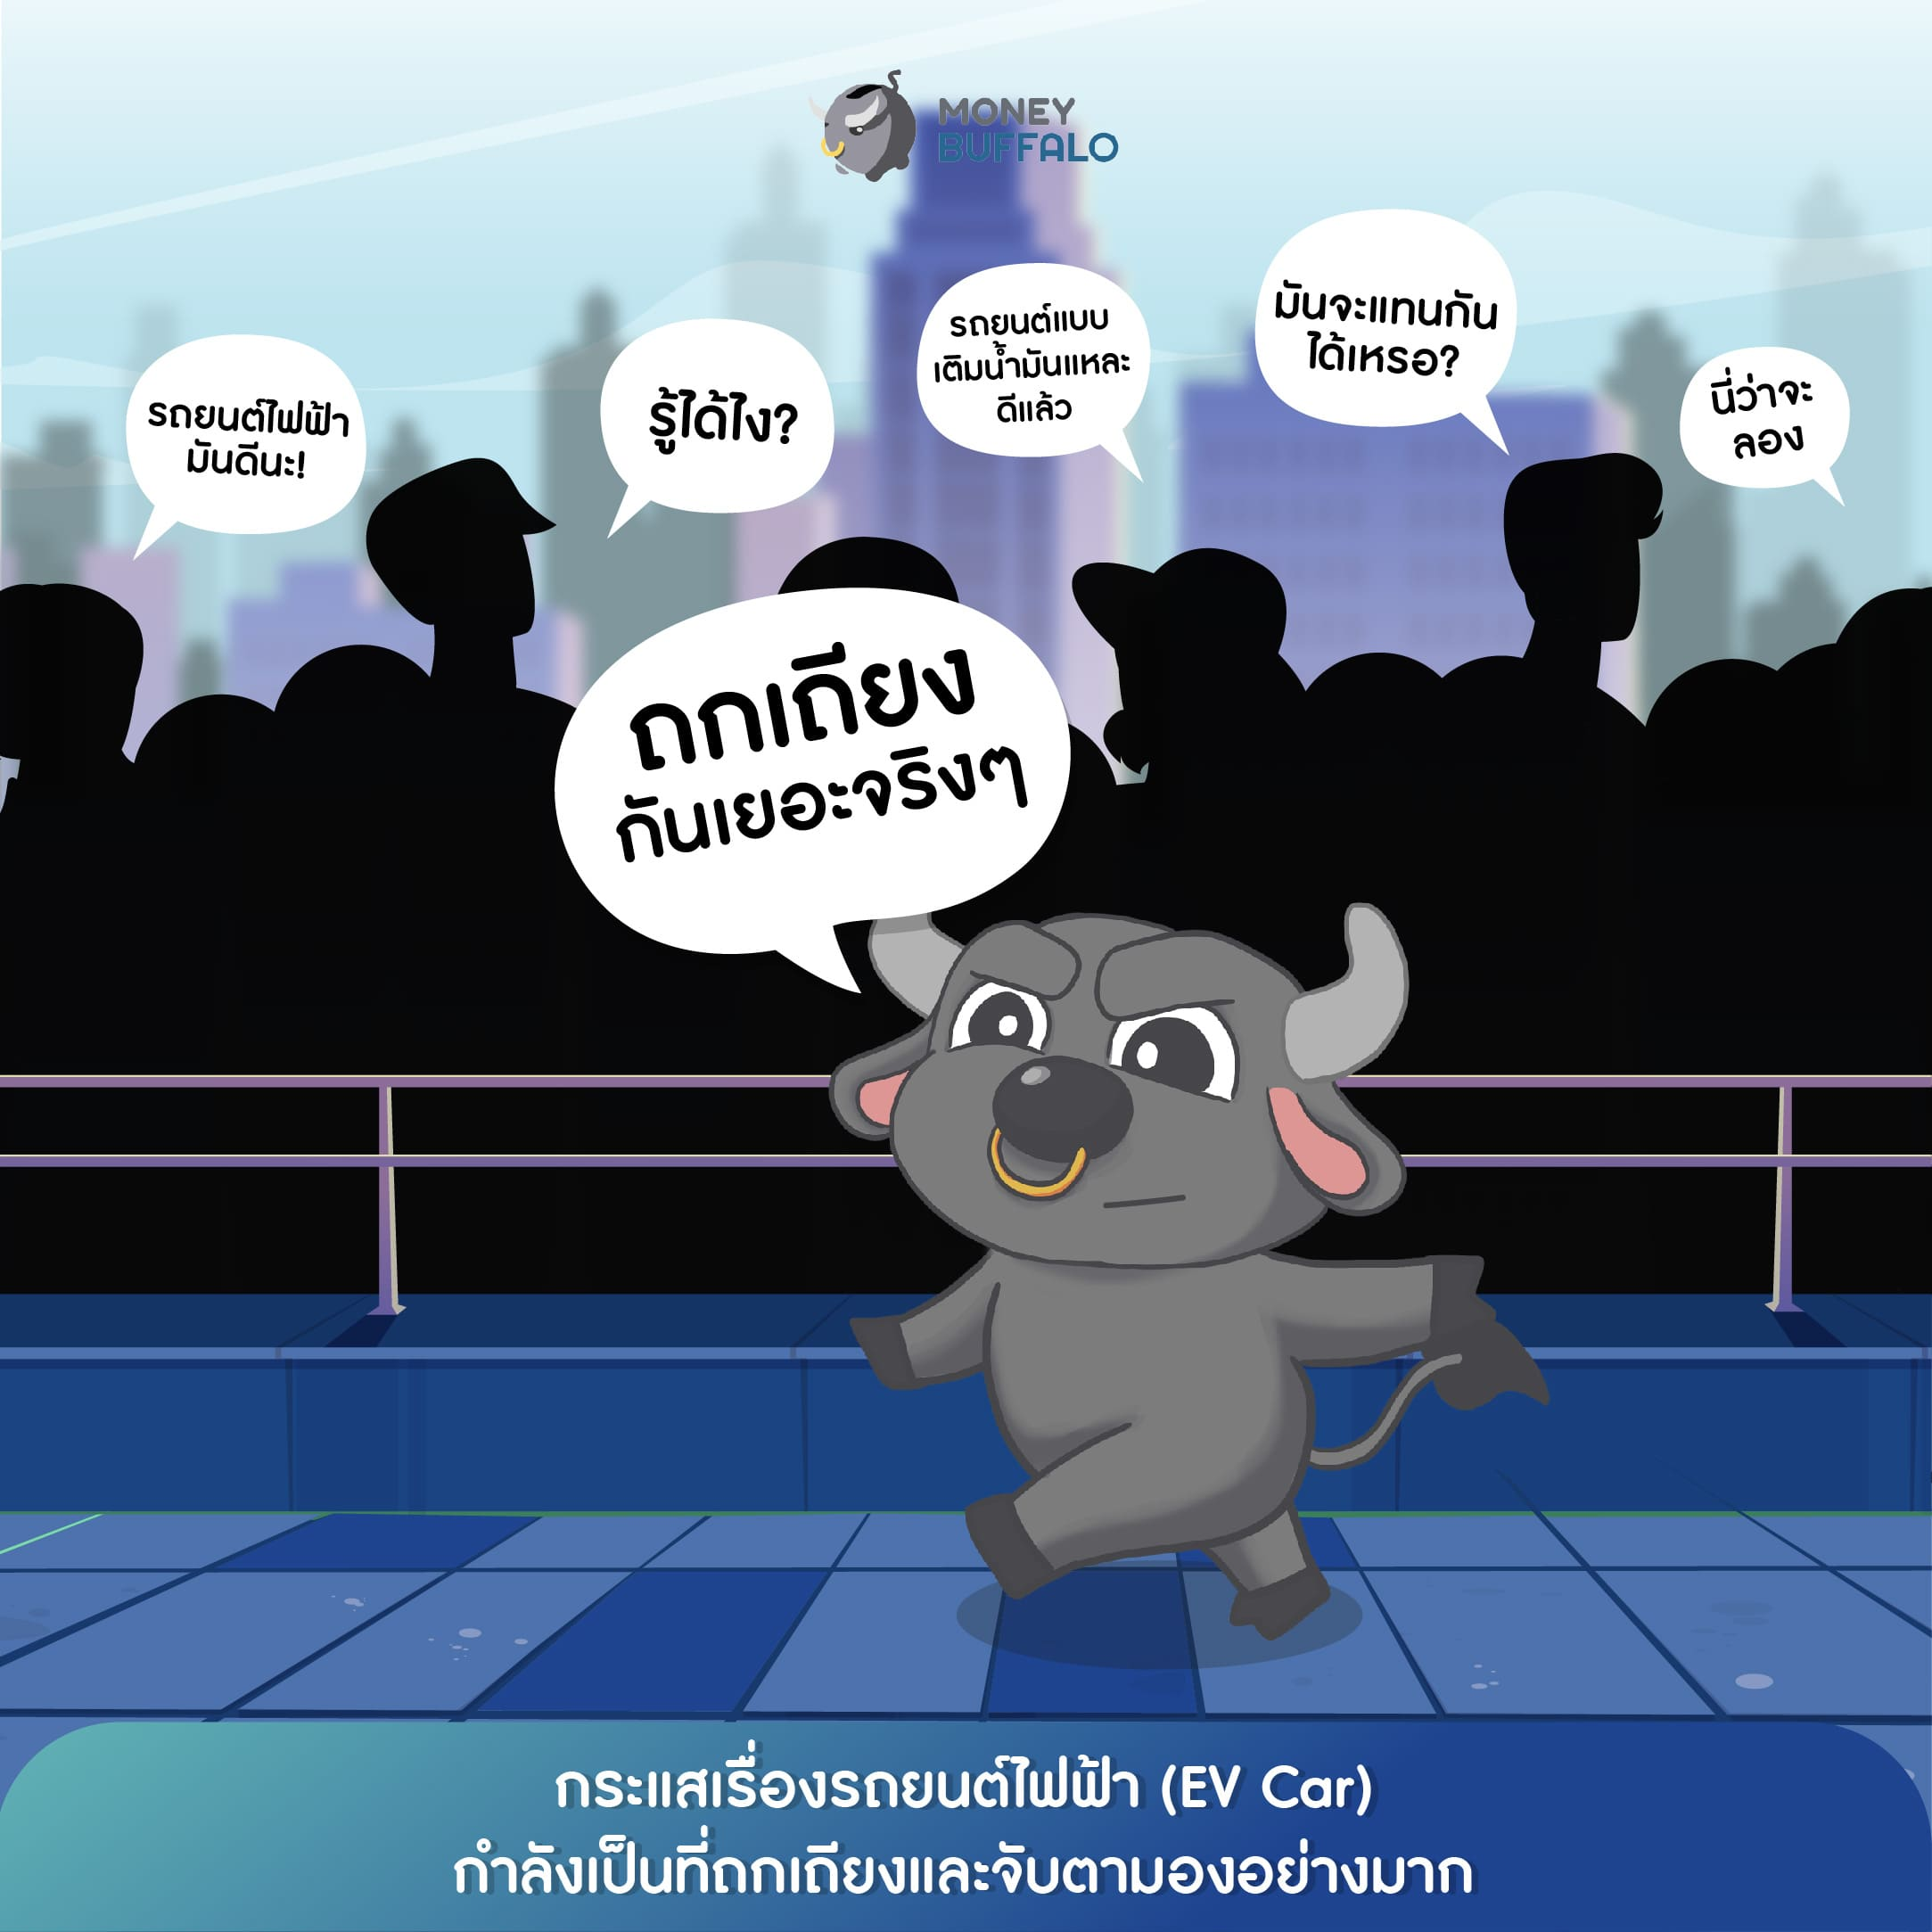 """""""EleX by EGAT"""" ผู้นำสถานีชาร์จไฟฟ้าทั่วประเทศไทย"""